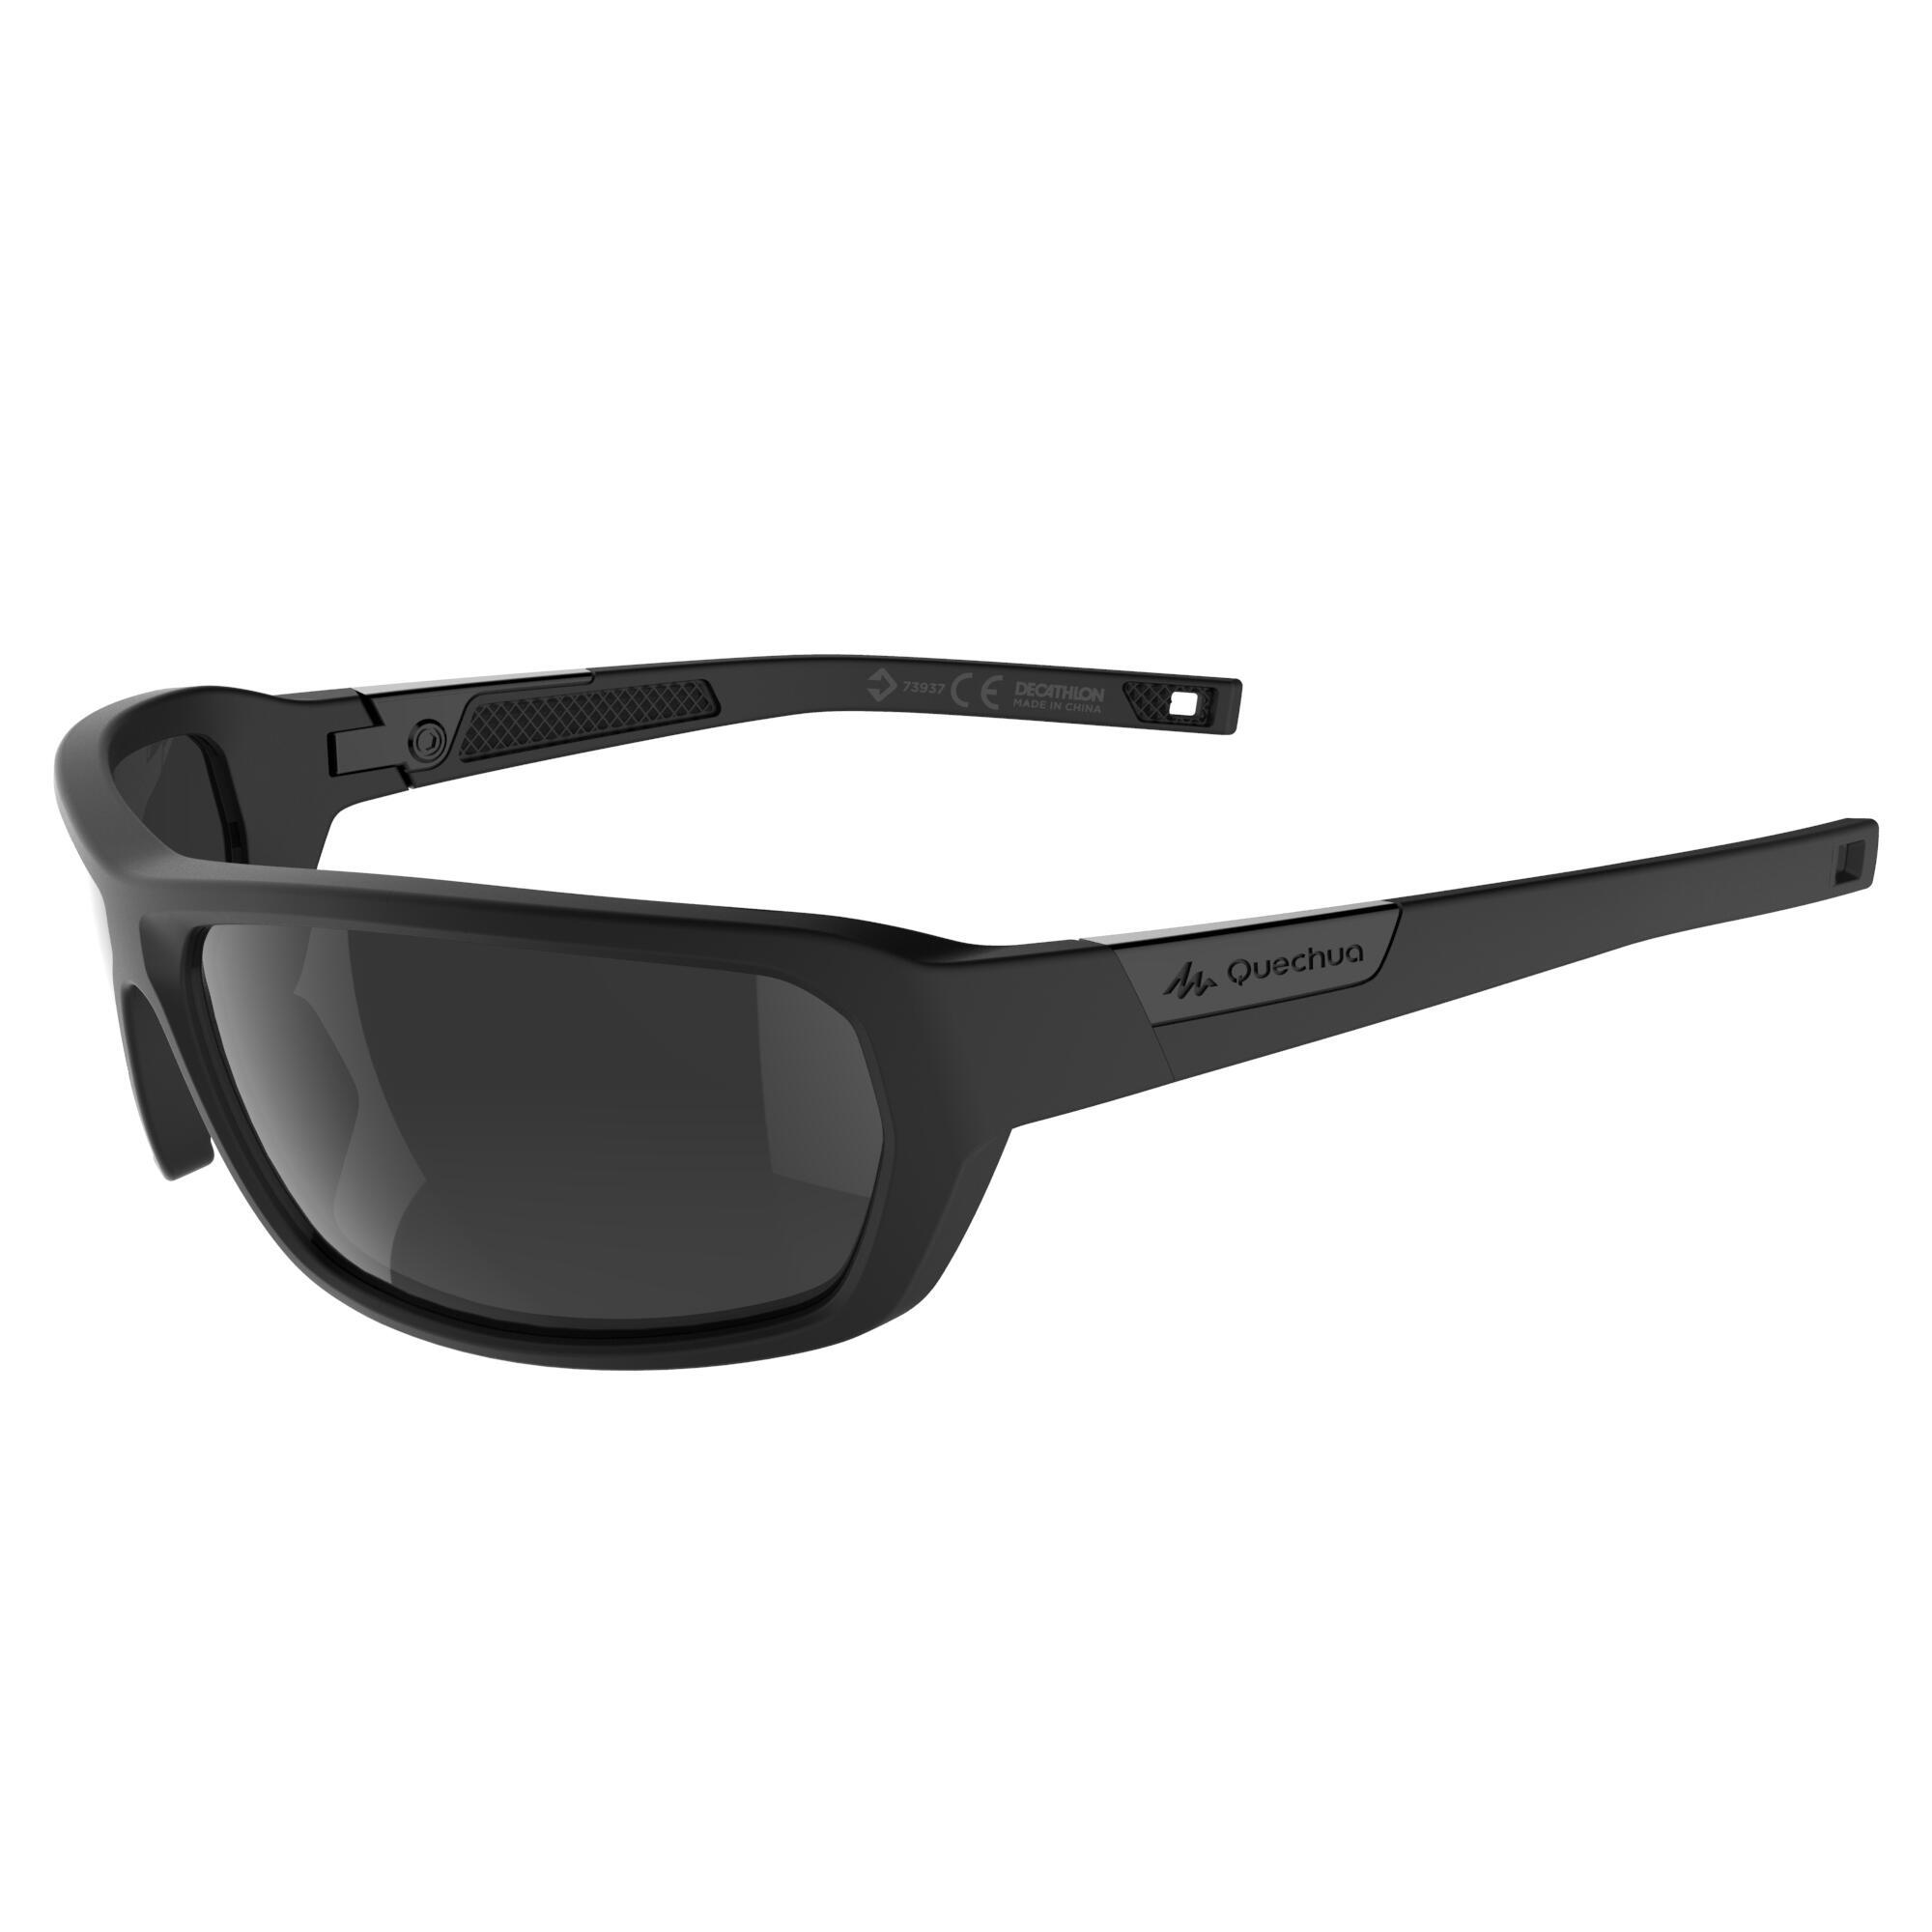 ae7c58ddcf Gafas de sol de senderismo adulto MH510 negro categoría 3 Quechua    Decathlon